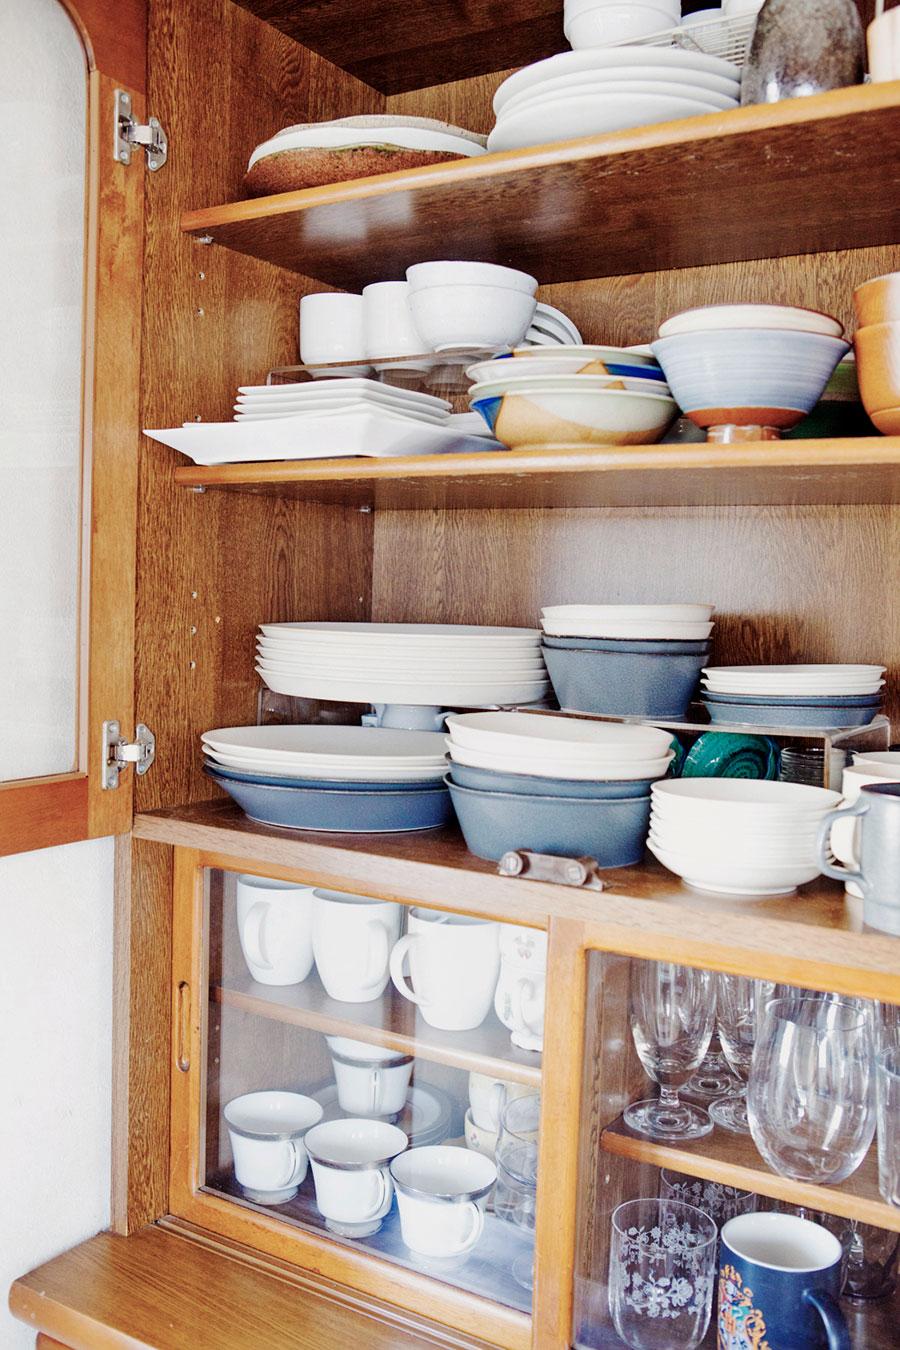 アイランドの横の食器棚。よく使うものを手前に。奥のものは定期的に見直すようにしている。KETUKAの和にも洋にも使える食器がお気に入り。